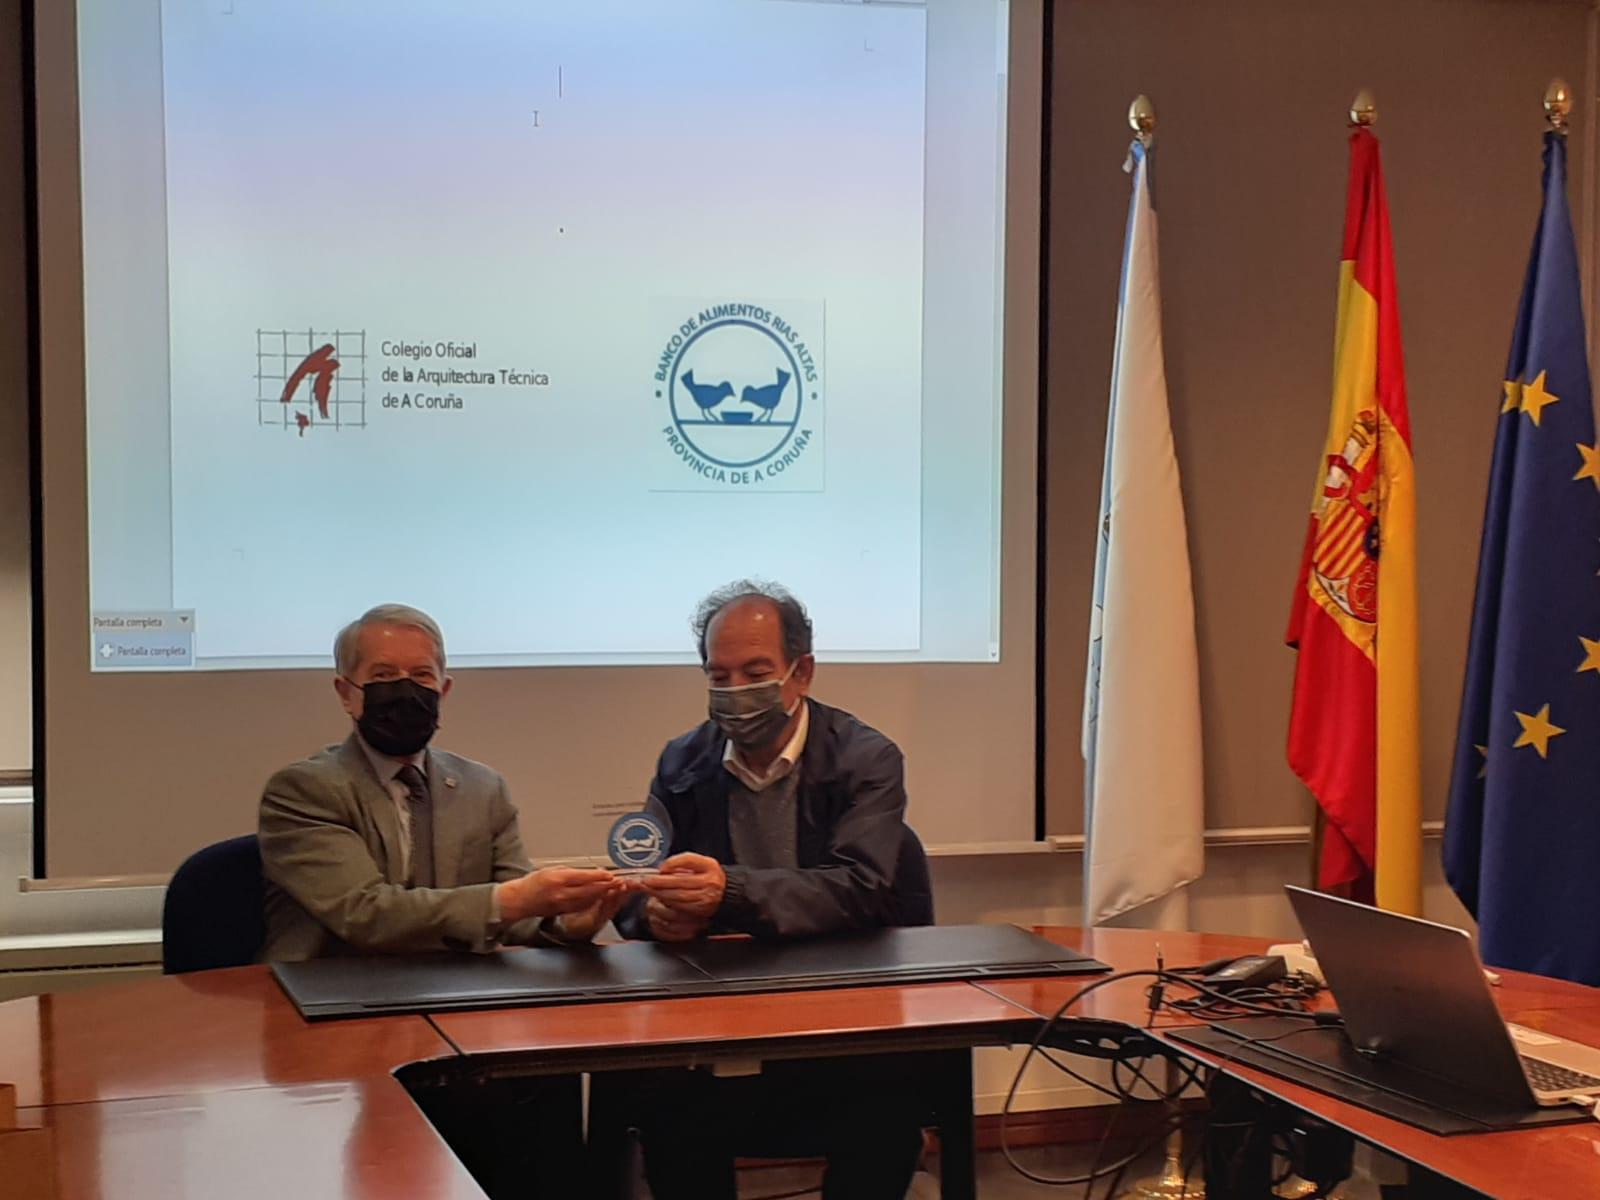 Colegio Oficial de la Arquitectura Técnica de A Coruña